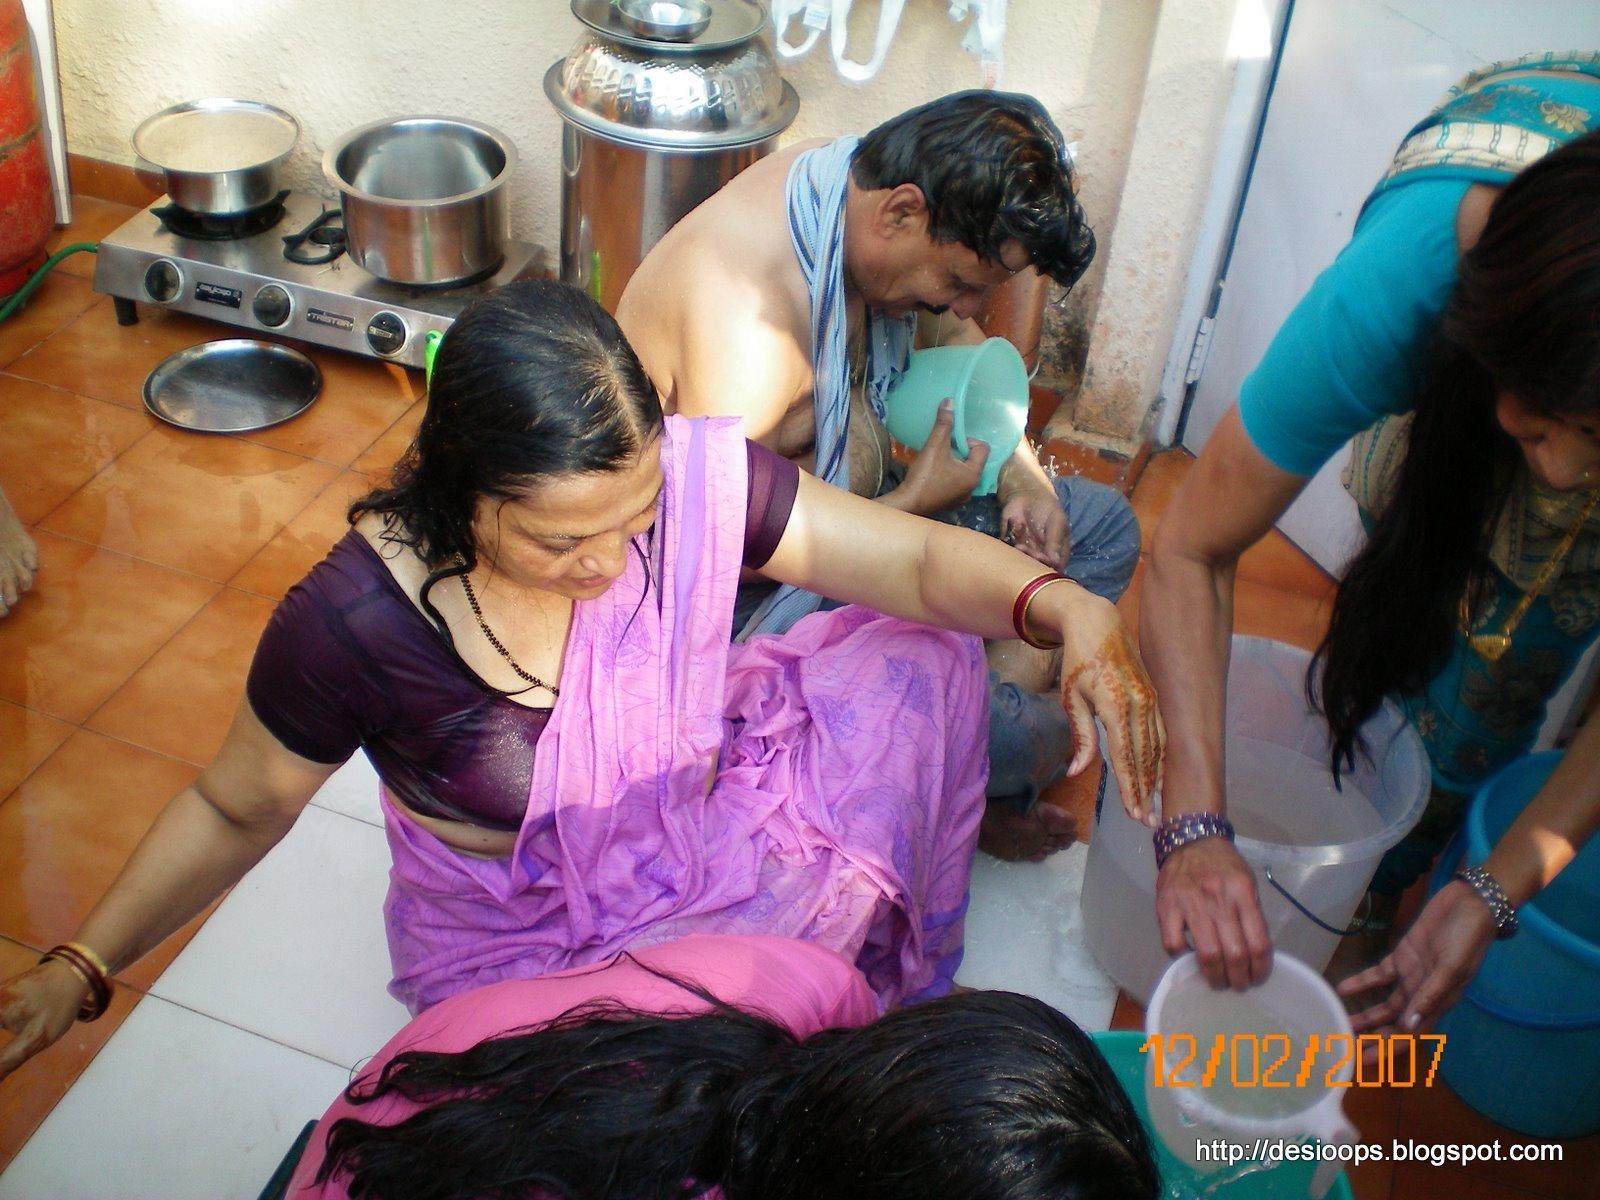 desi voyeur Desi voyeur porn - Voyeur pakistani desi girls wet bra anty visible 6 jpg  1600x1200